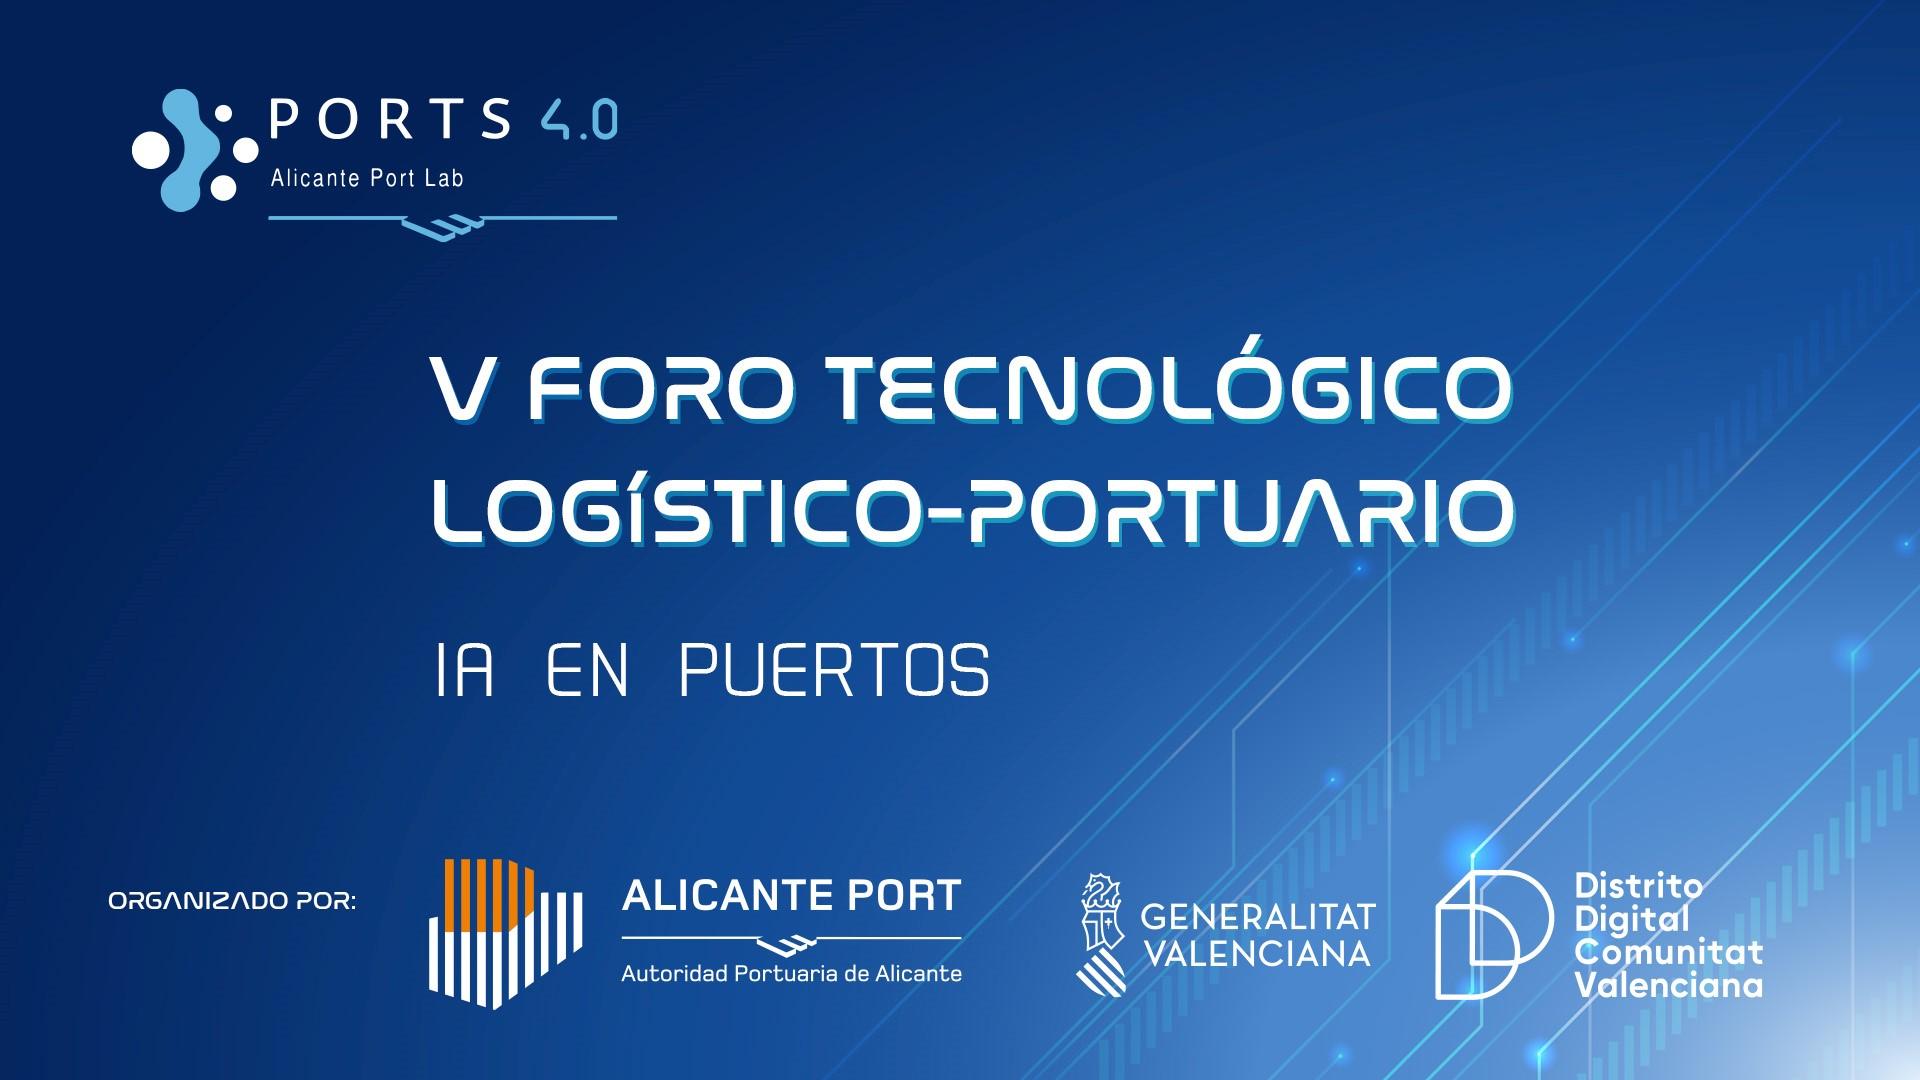 V Foro tecnológico IA en Puertos